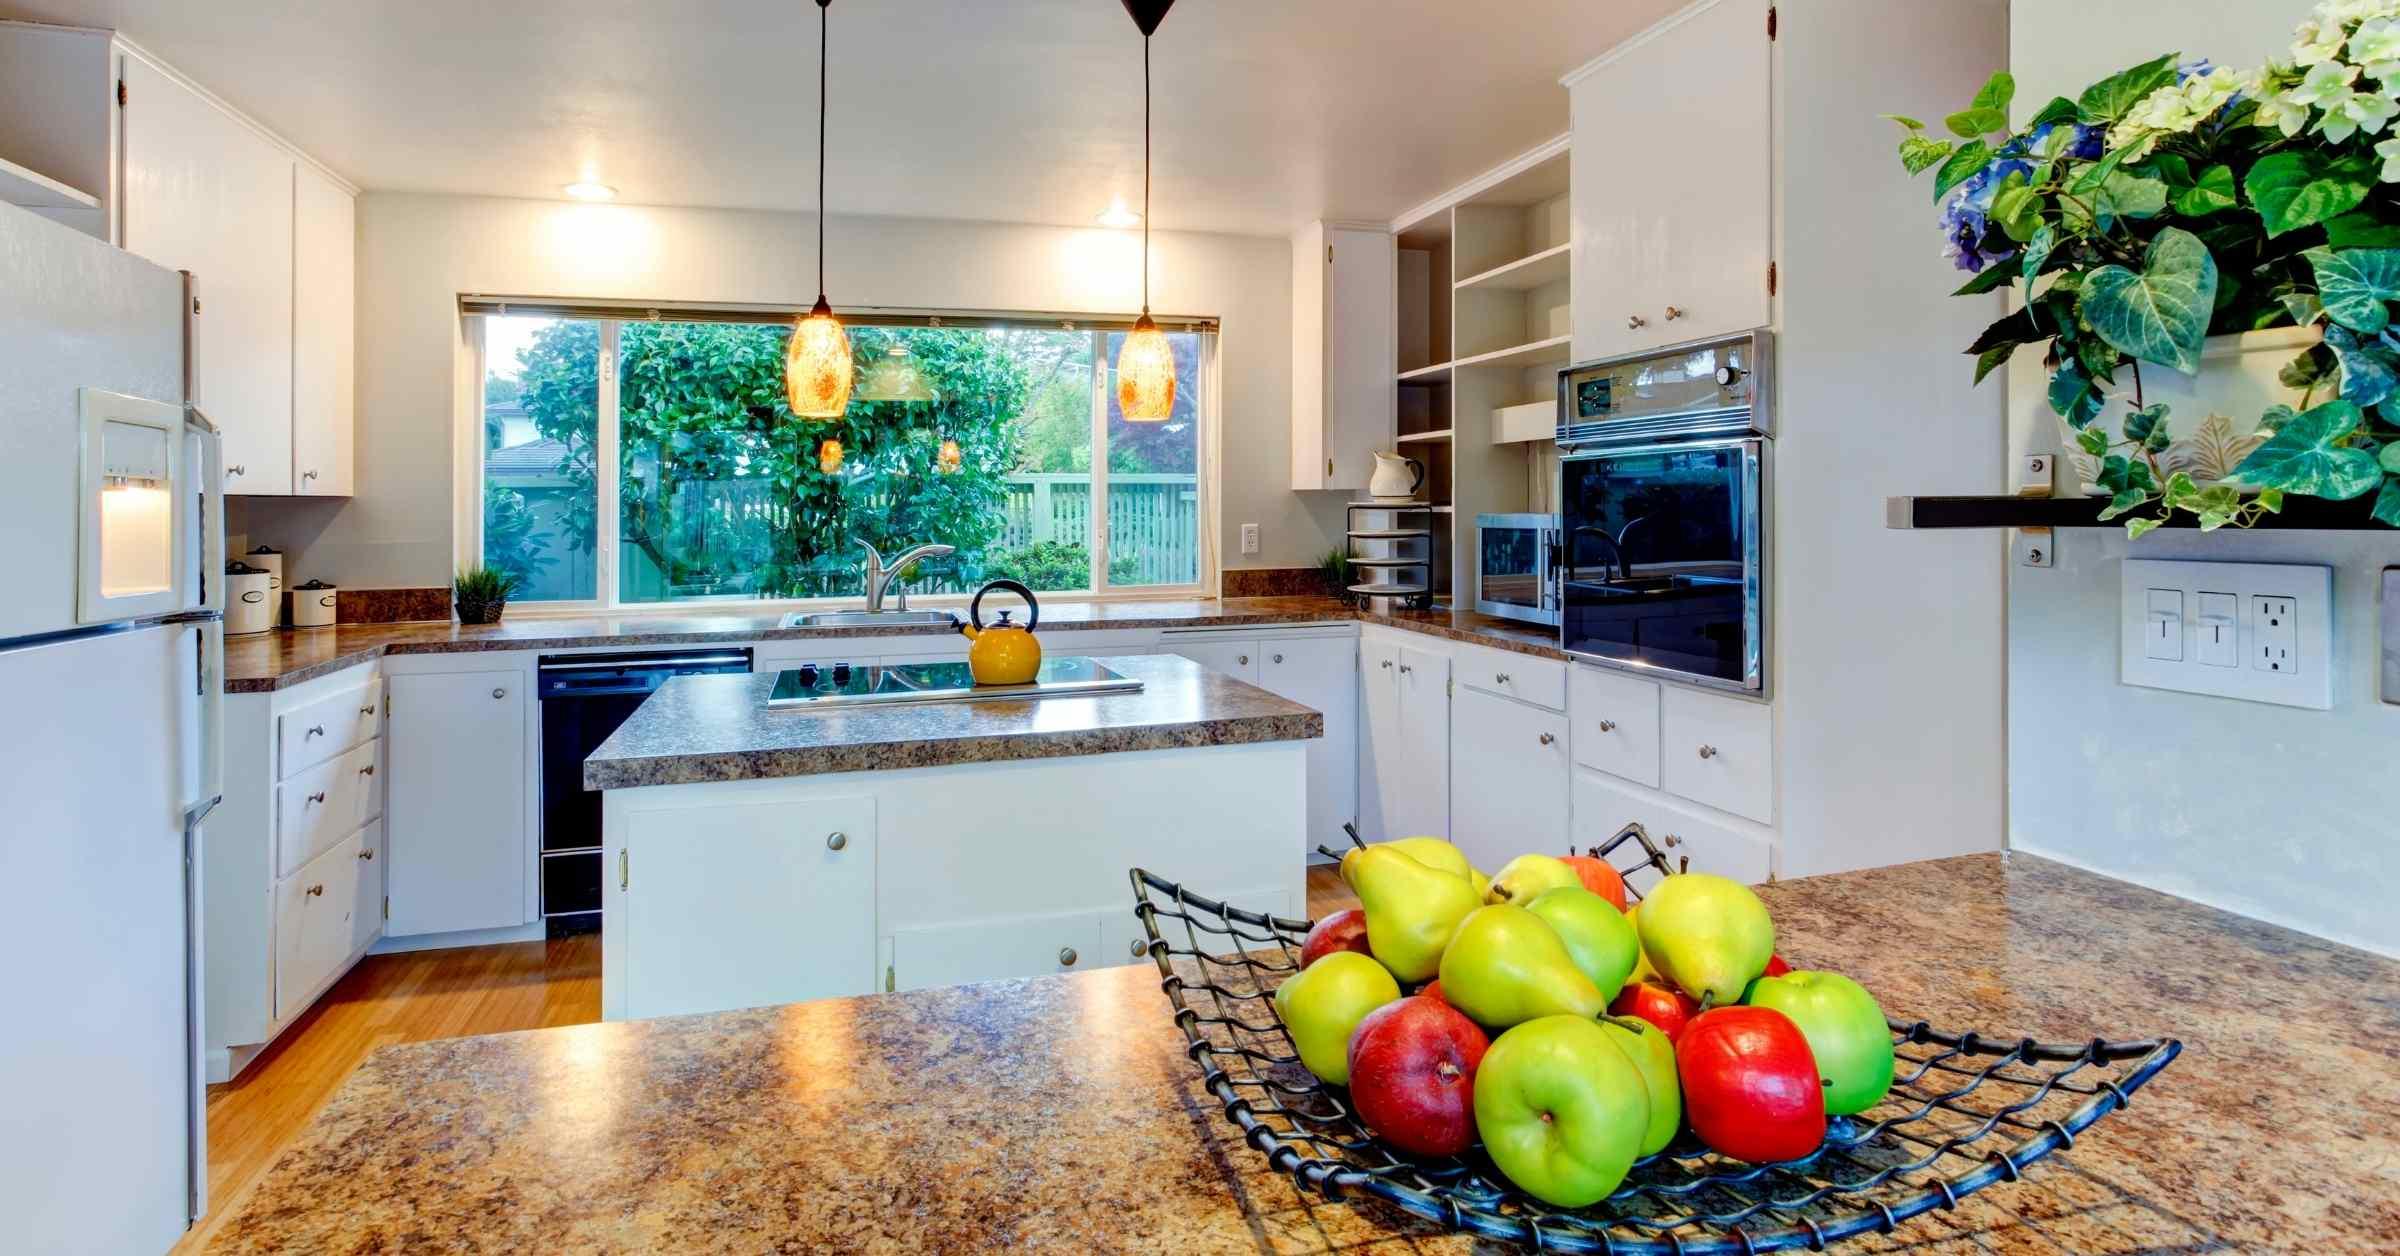 jakie okna wybrać do kuchni?